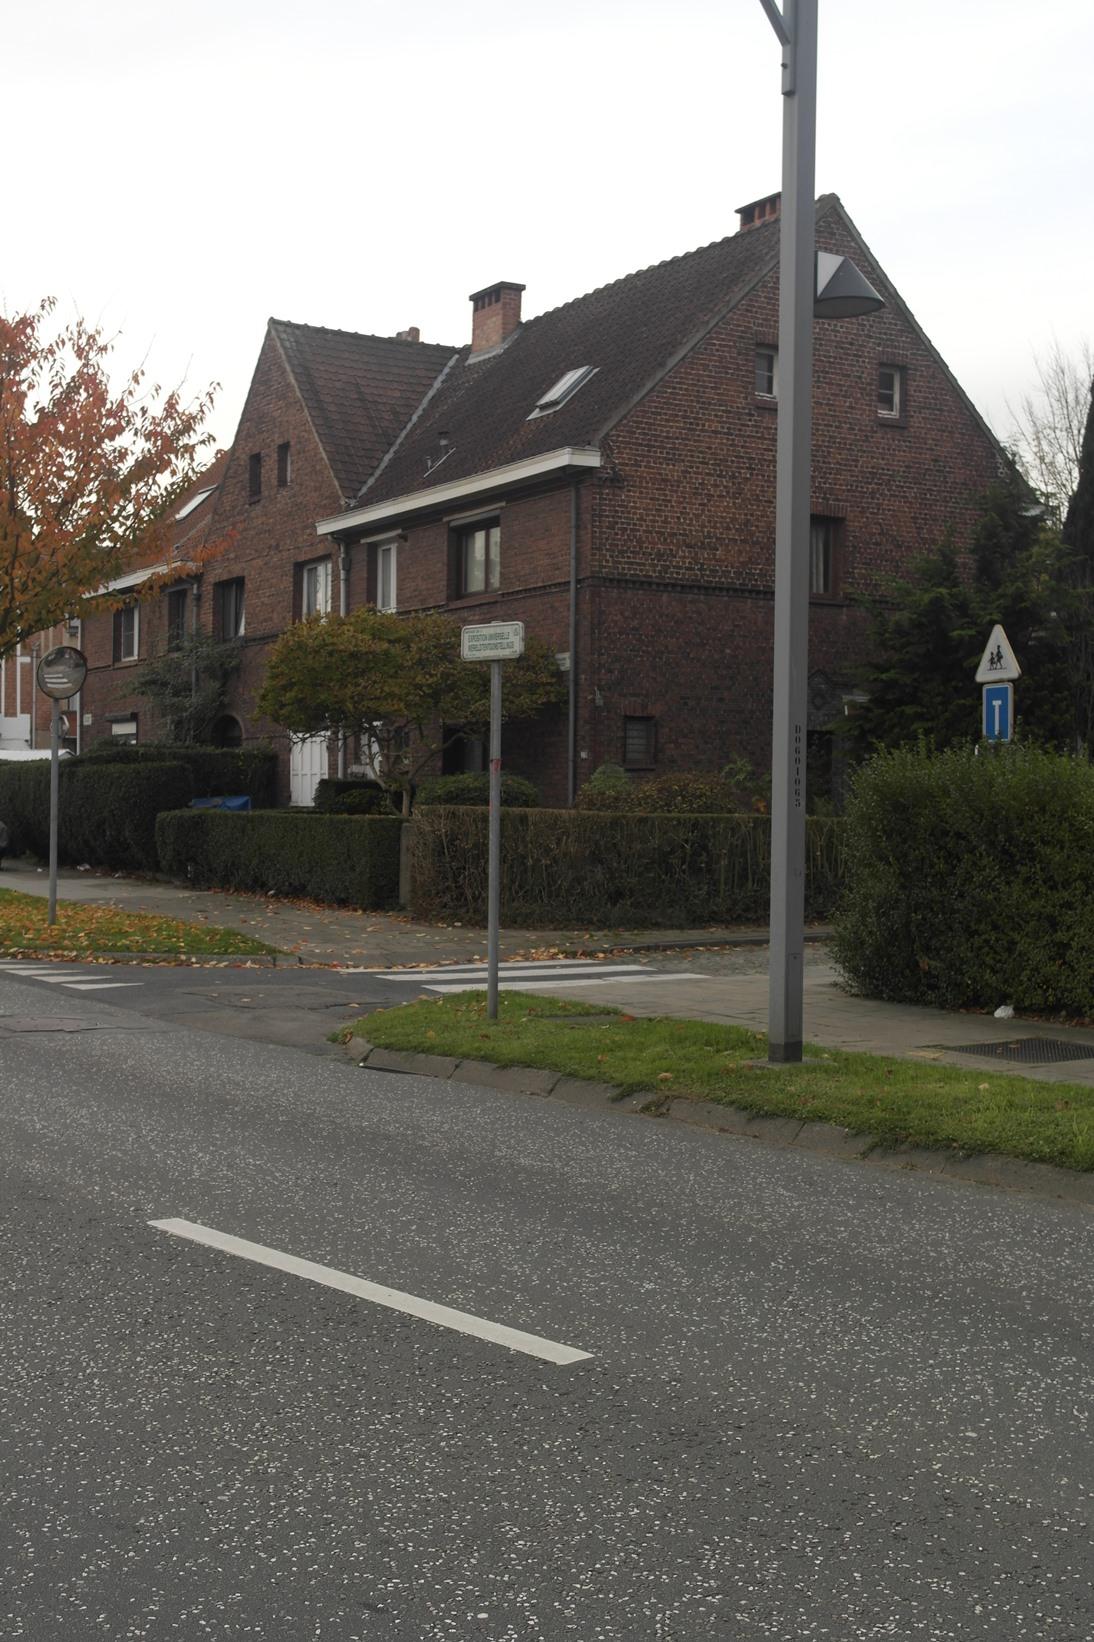 Cité jardin Heideken. Square du Centenaire 16, 17, 18 et 19, 2014